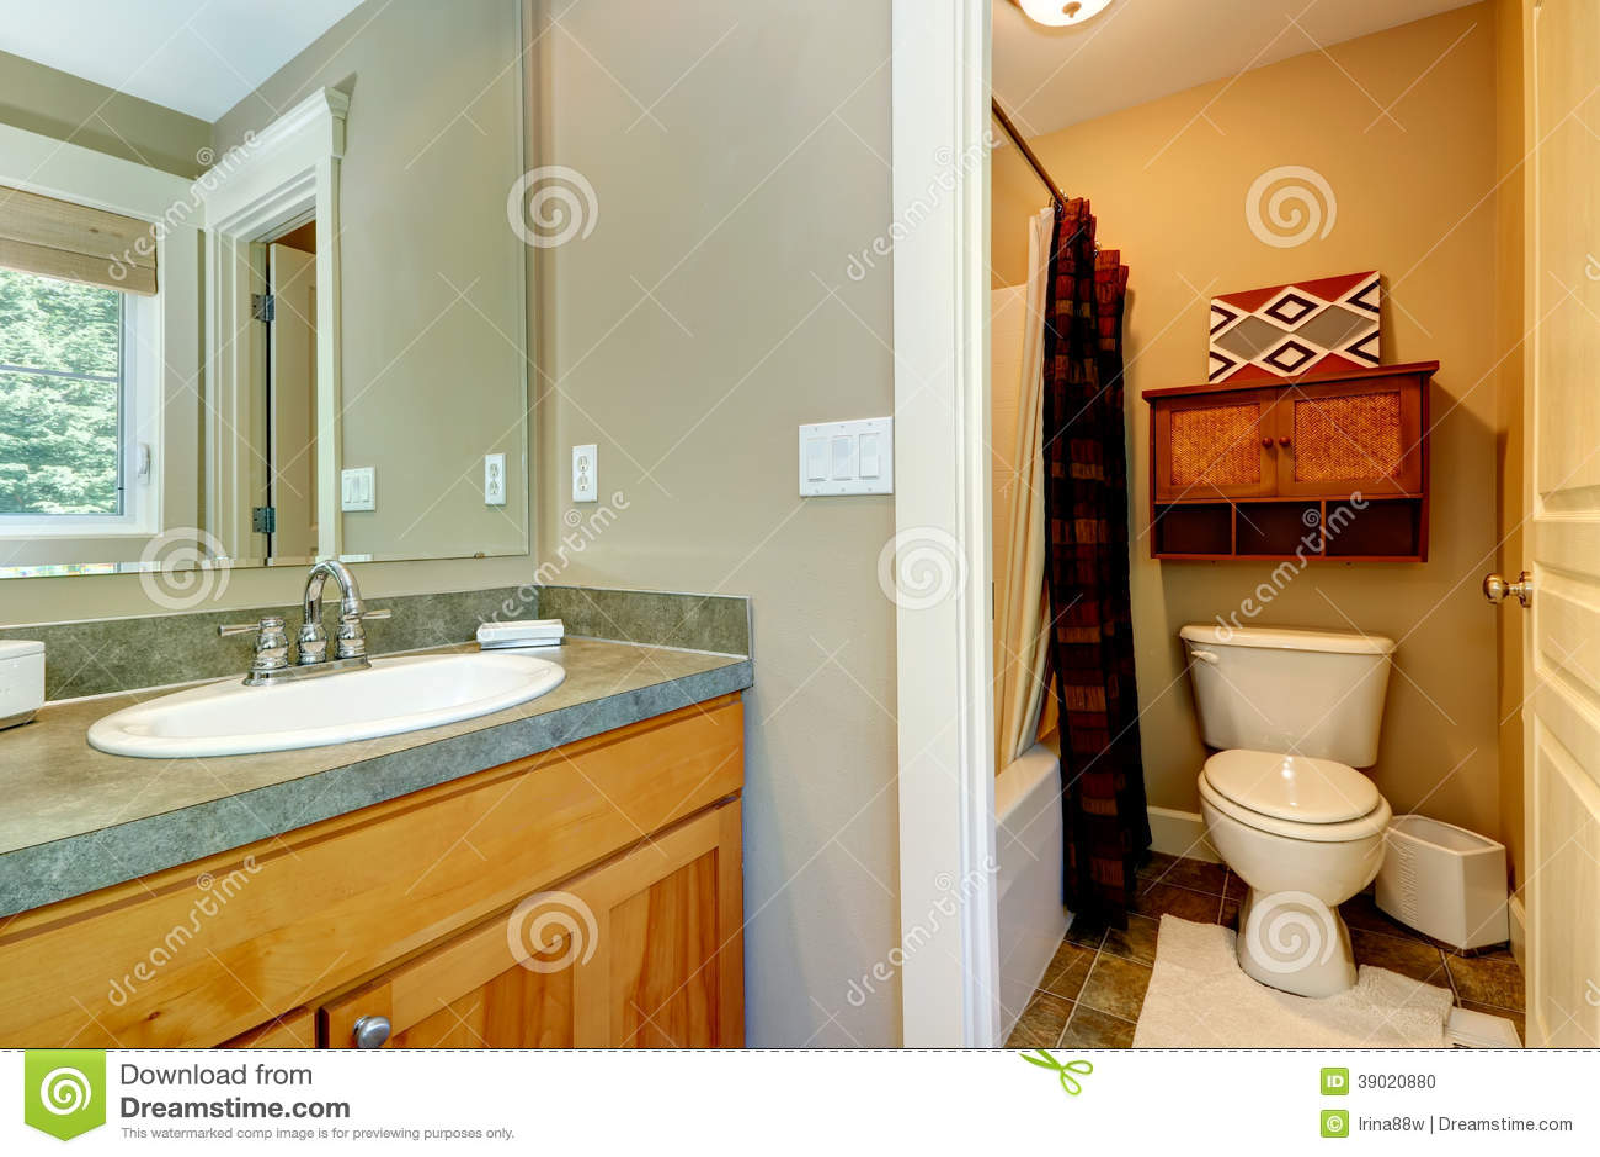 Bagno In Camera Piccolissimo : Interessante bagno piccolissimo in camera yo pineglen